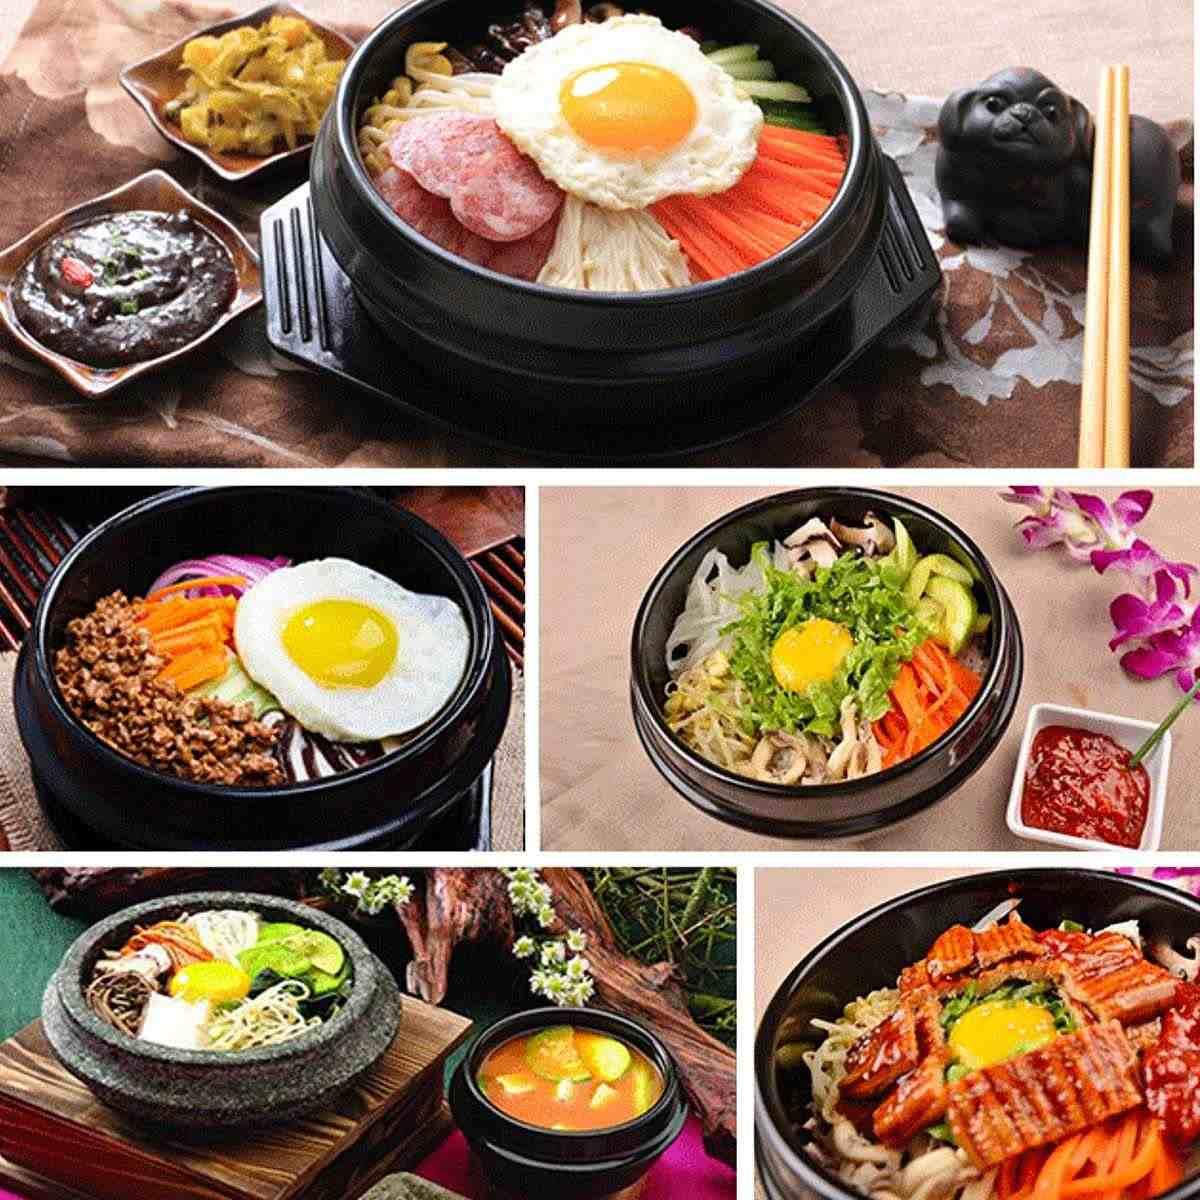 16cm czarny klasyczny koreański kamień garnek kuchnia ustawia ceramiczny kamień miska garnek dla Bibimbap ceramiczna zupa Ramen miski ryż duży rozmiar